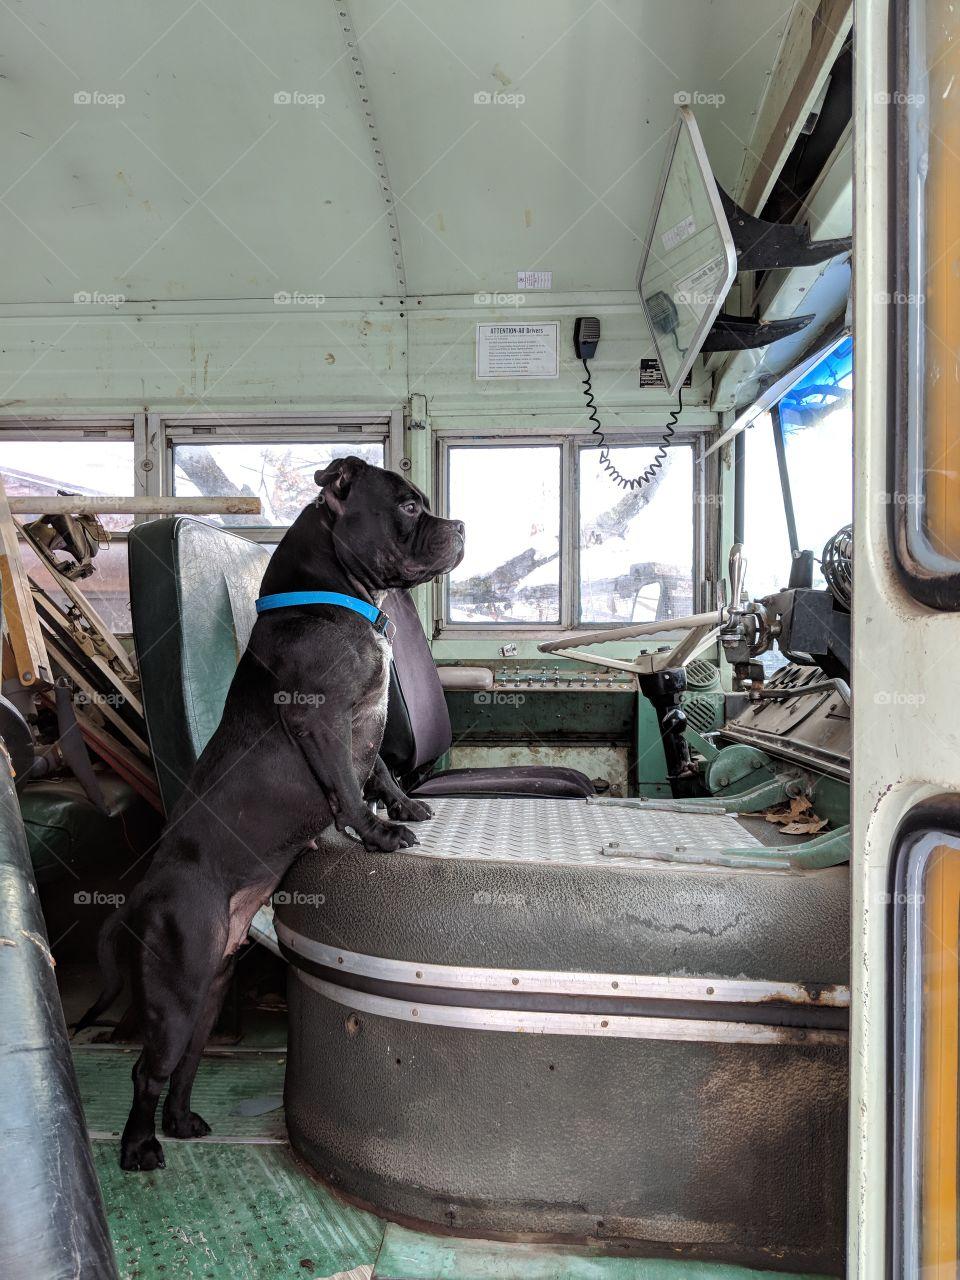 American Bulldog on guard